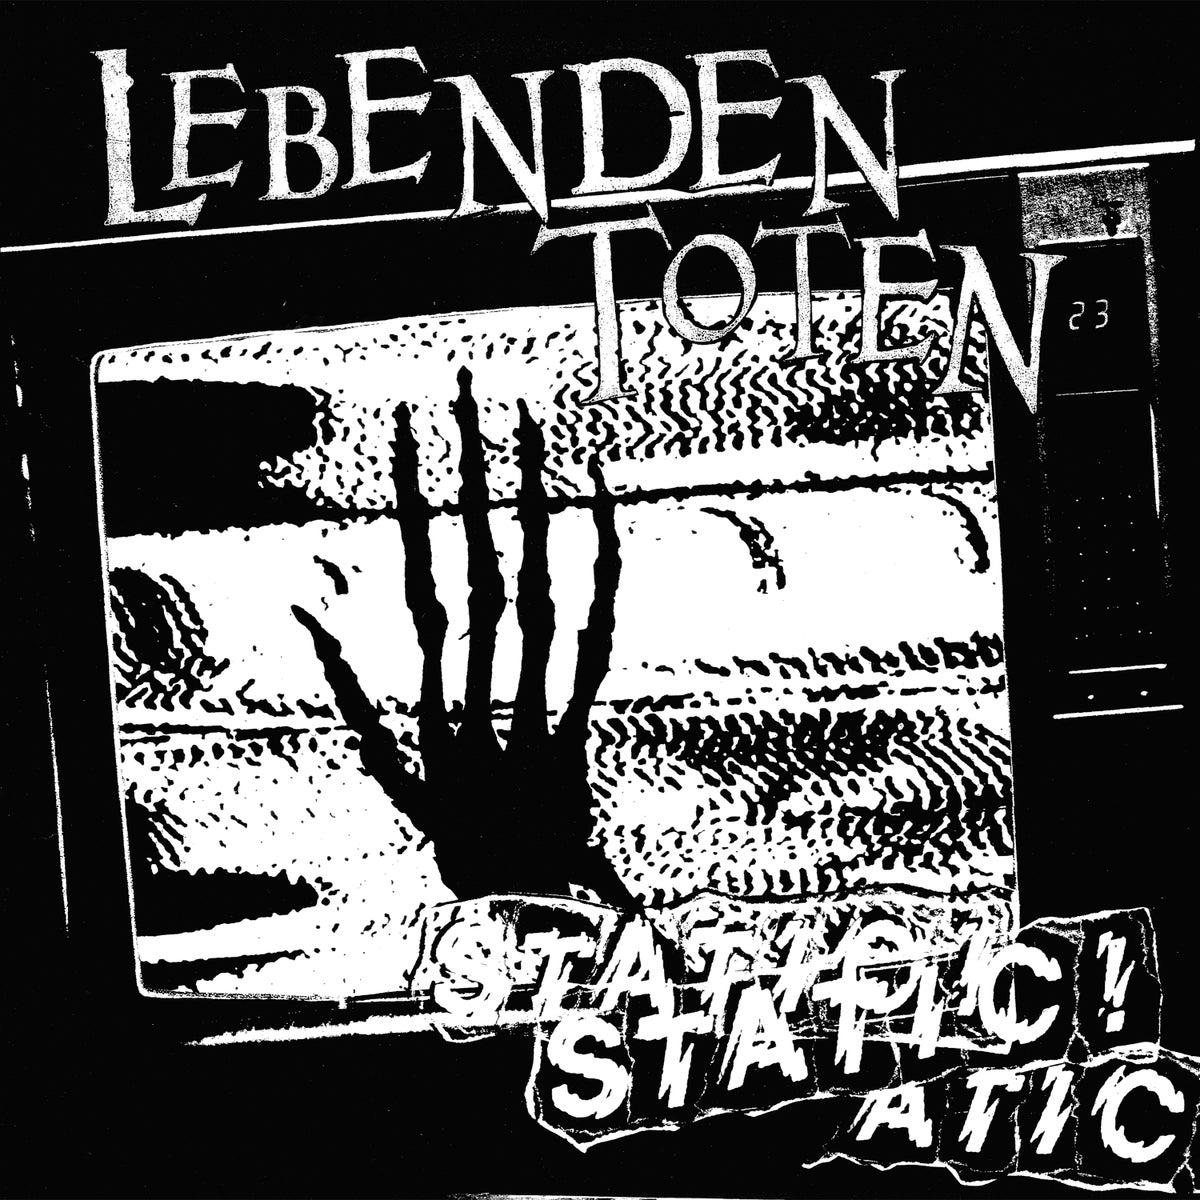 LEBENDEN TOTEN - Static 12